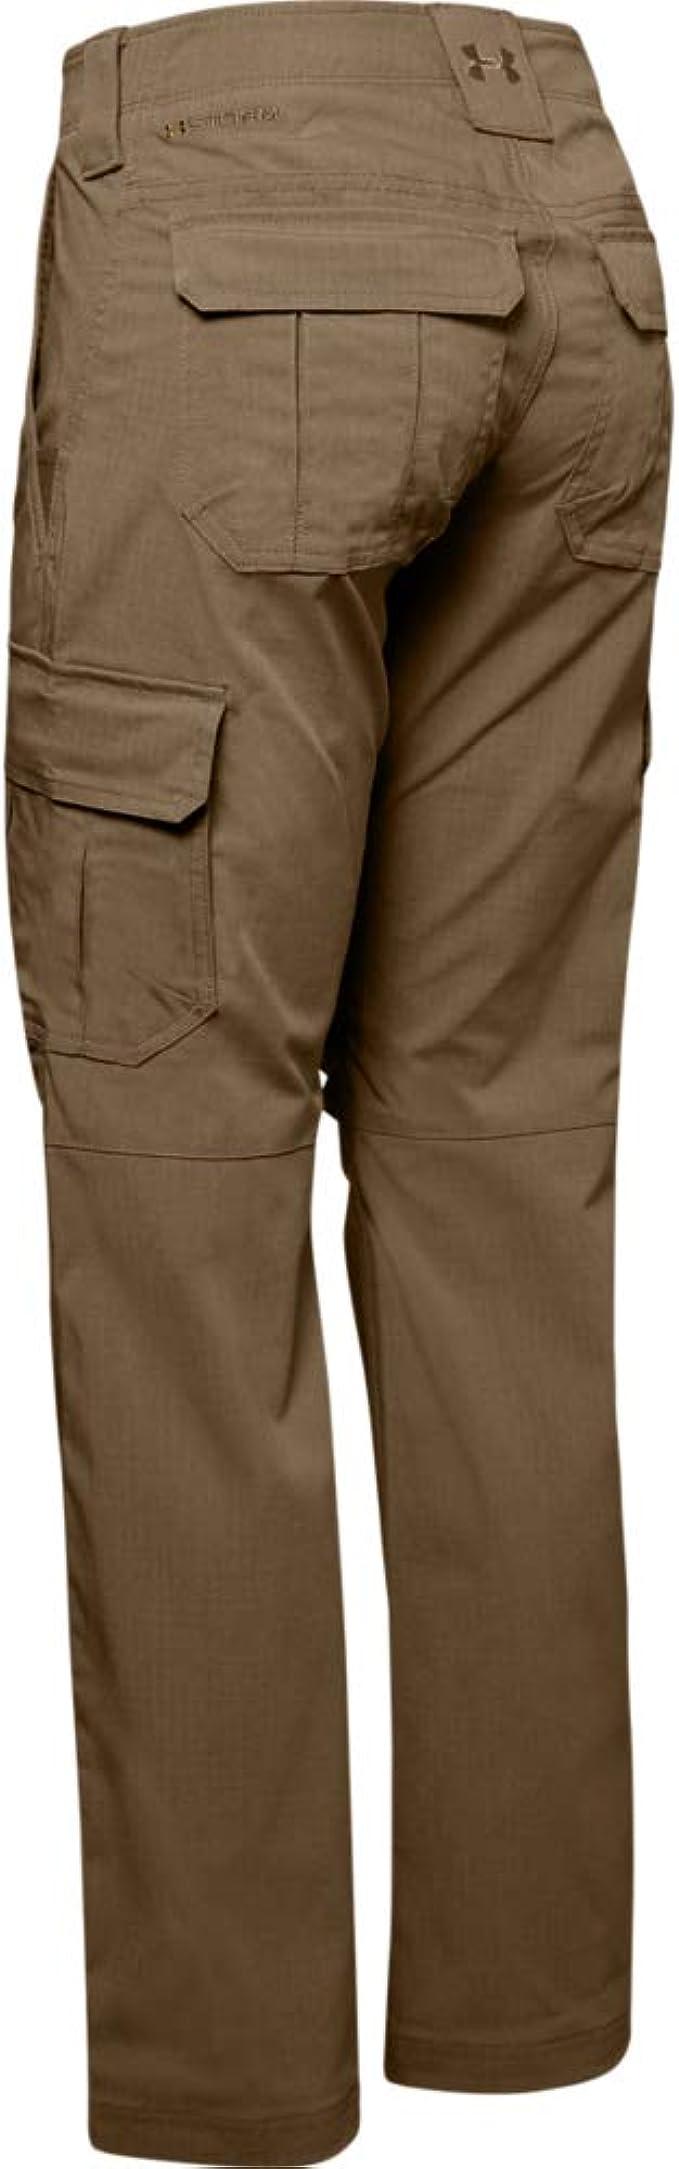 Amazon Com Under Armour Tac Patrol Pantalon Para Mujer Clothing